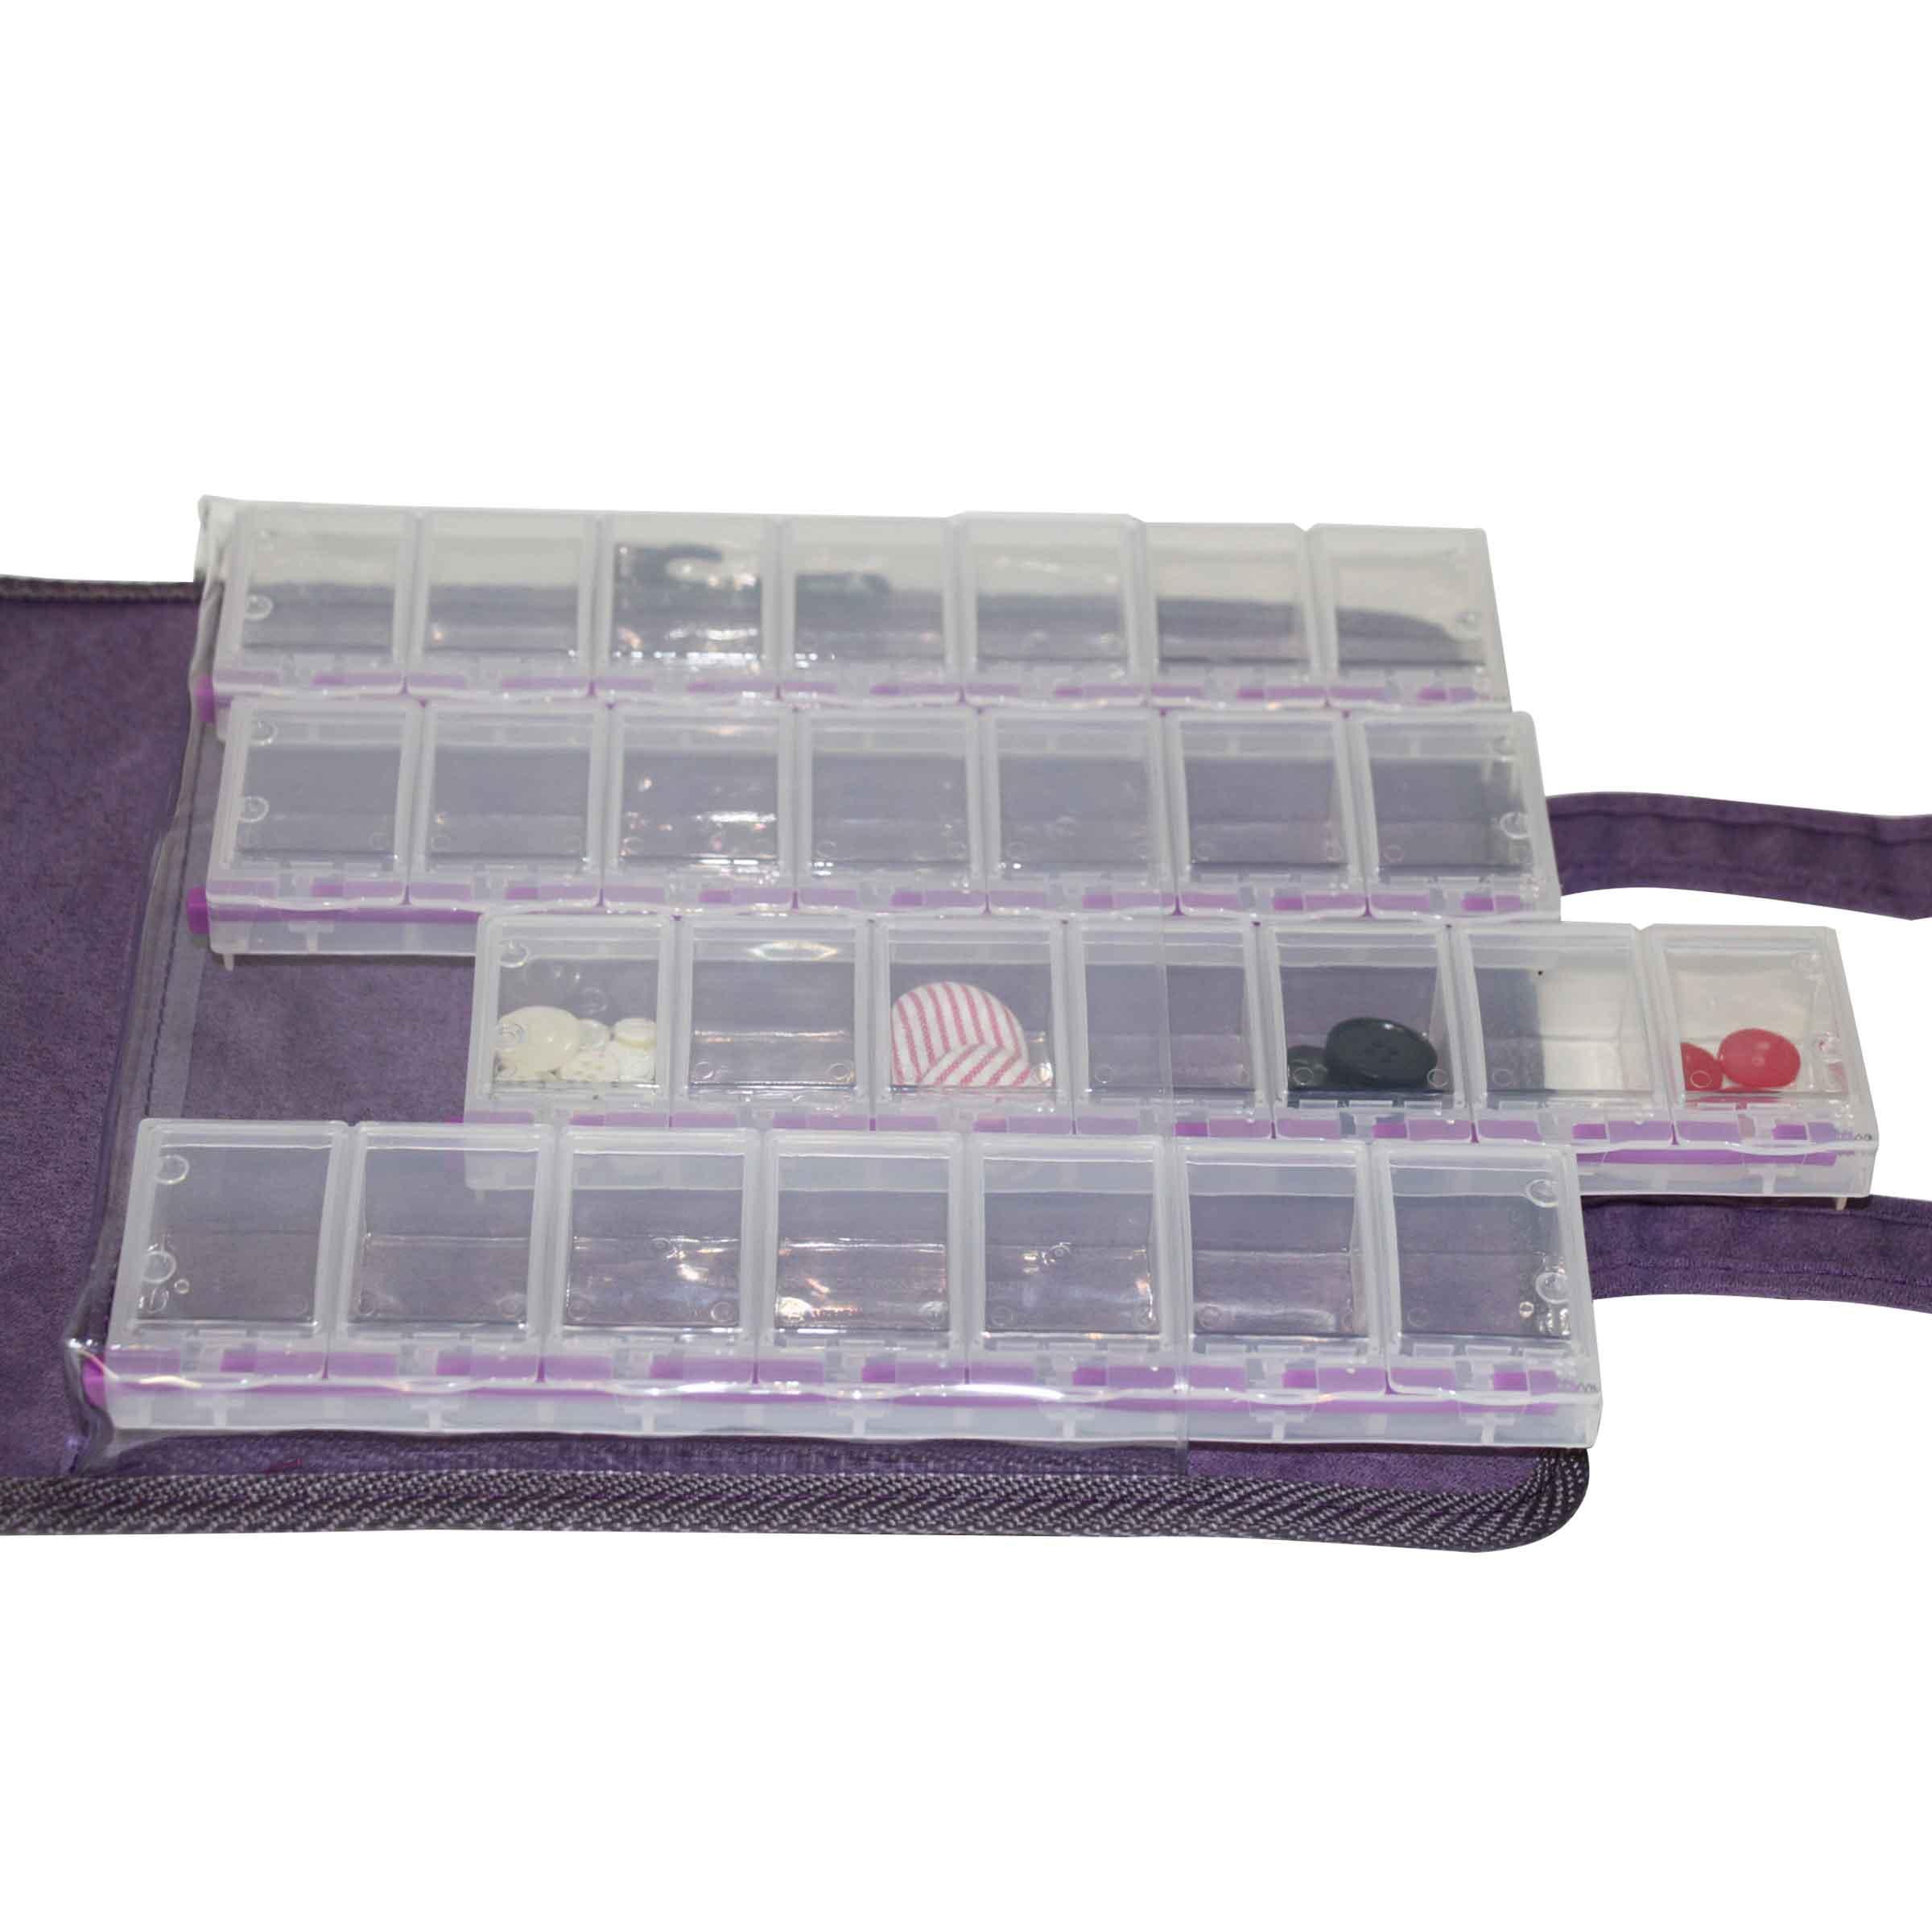 Rangement en plastique pour perles ou boutons 56 compartiments